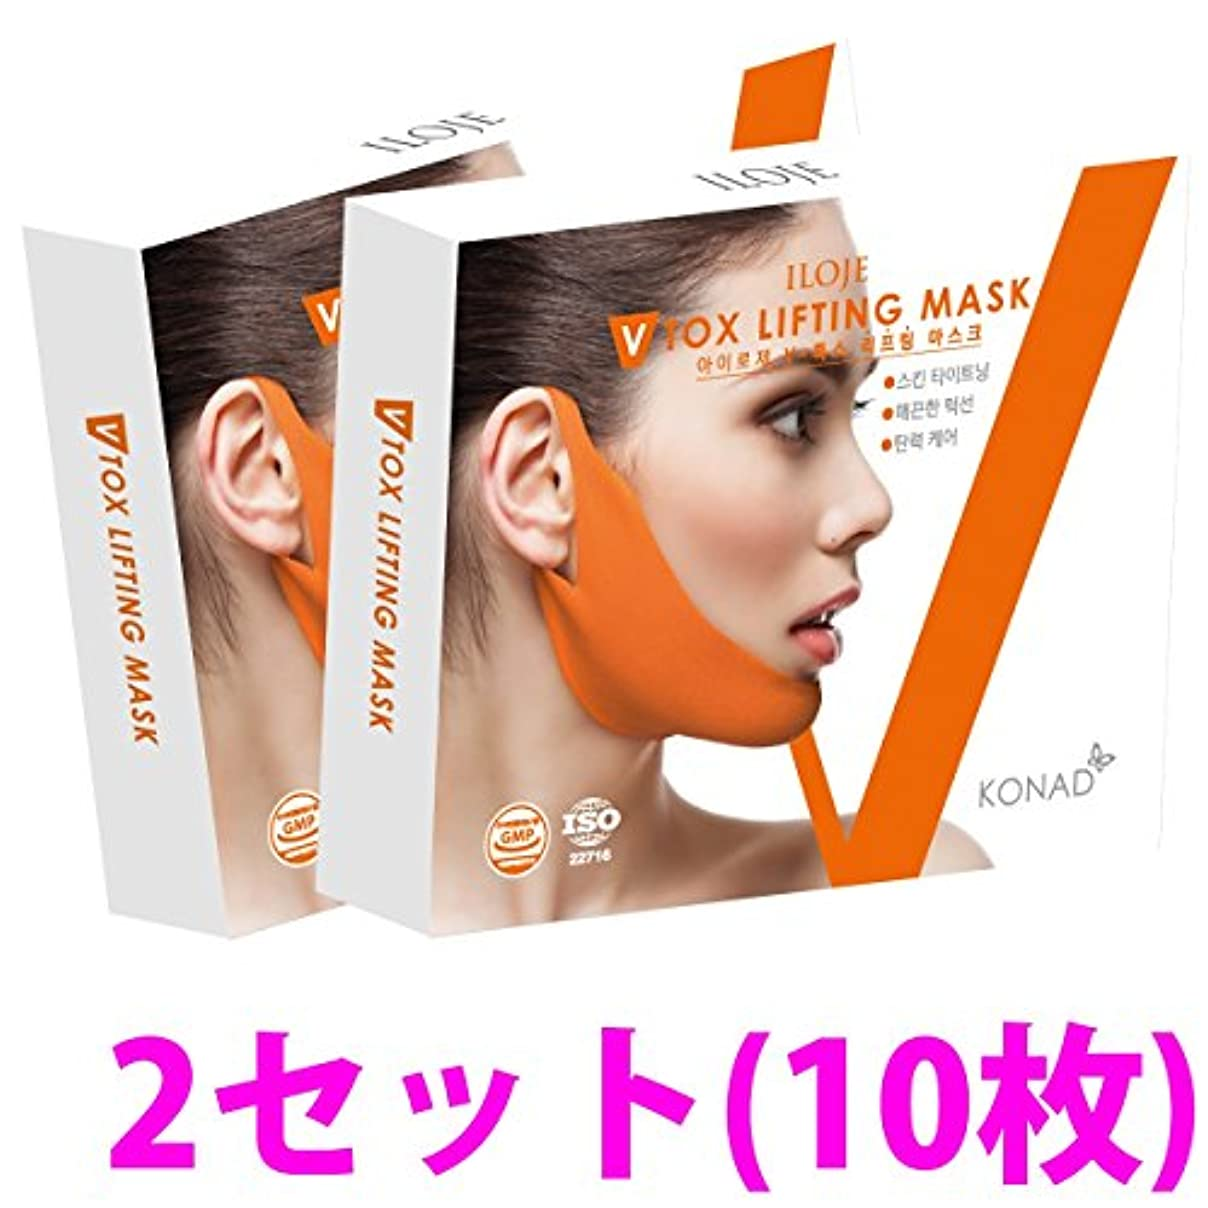 虚栄心受取人青写真女性の年齢は顎の輪郭で決まる!V-TOXリフティングマスクパック 2セット(10枚)